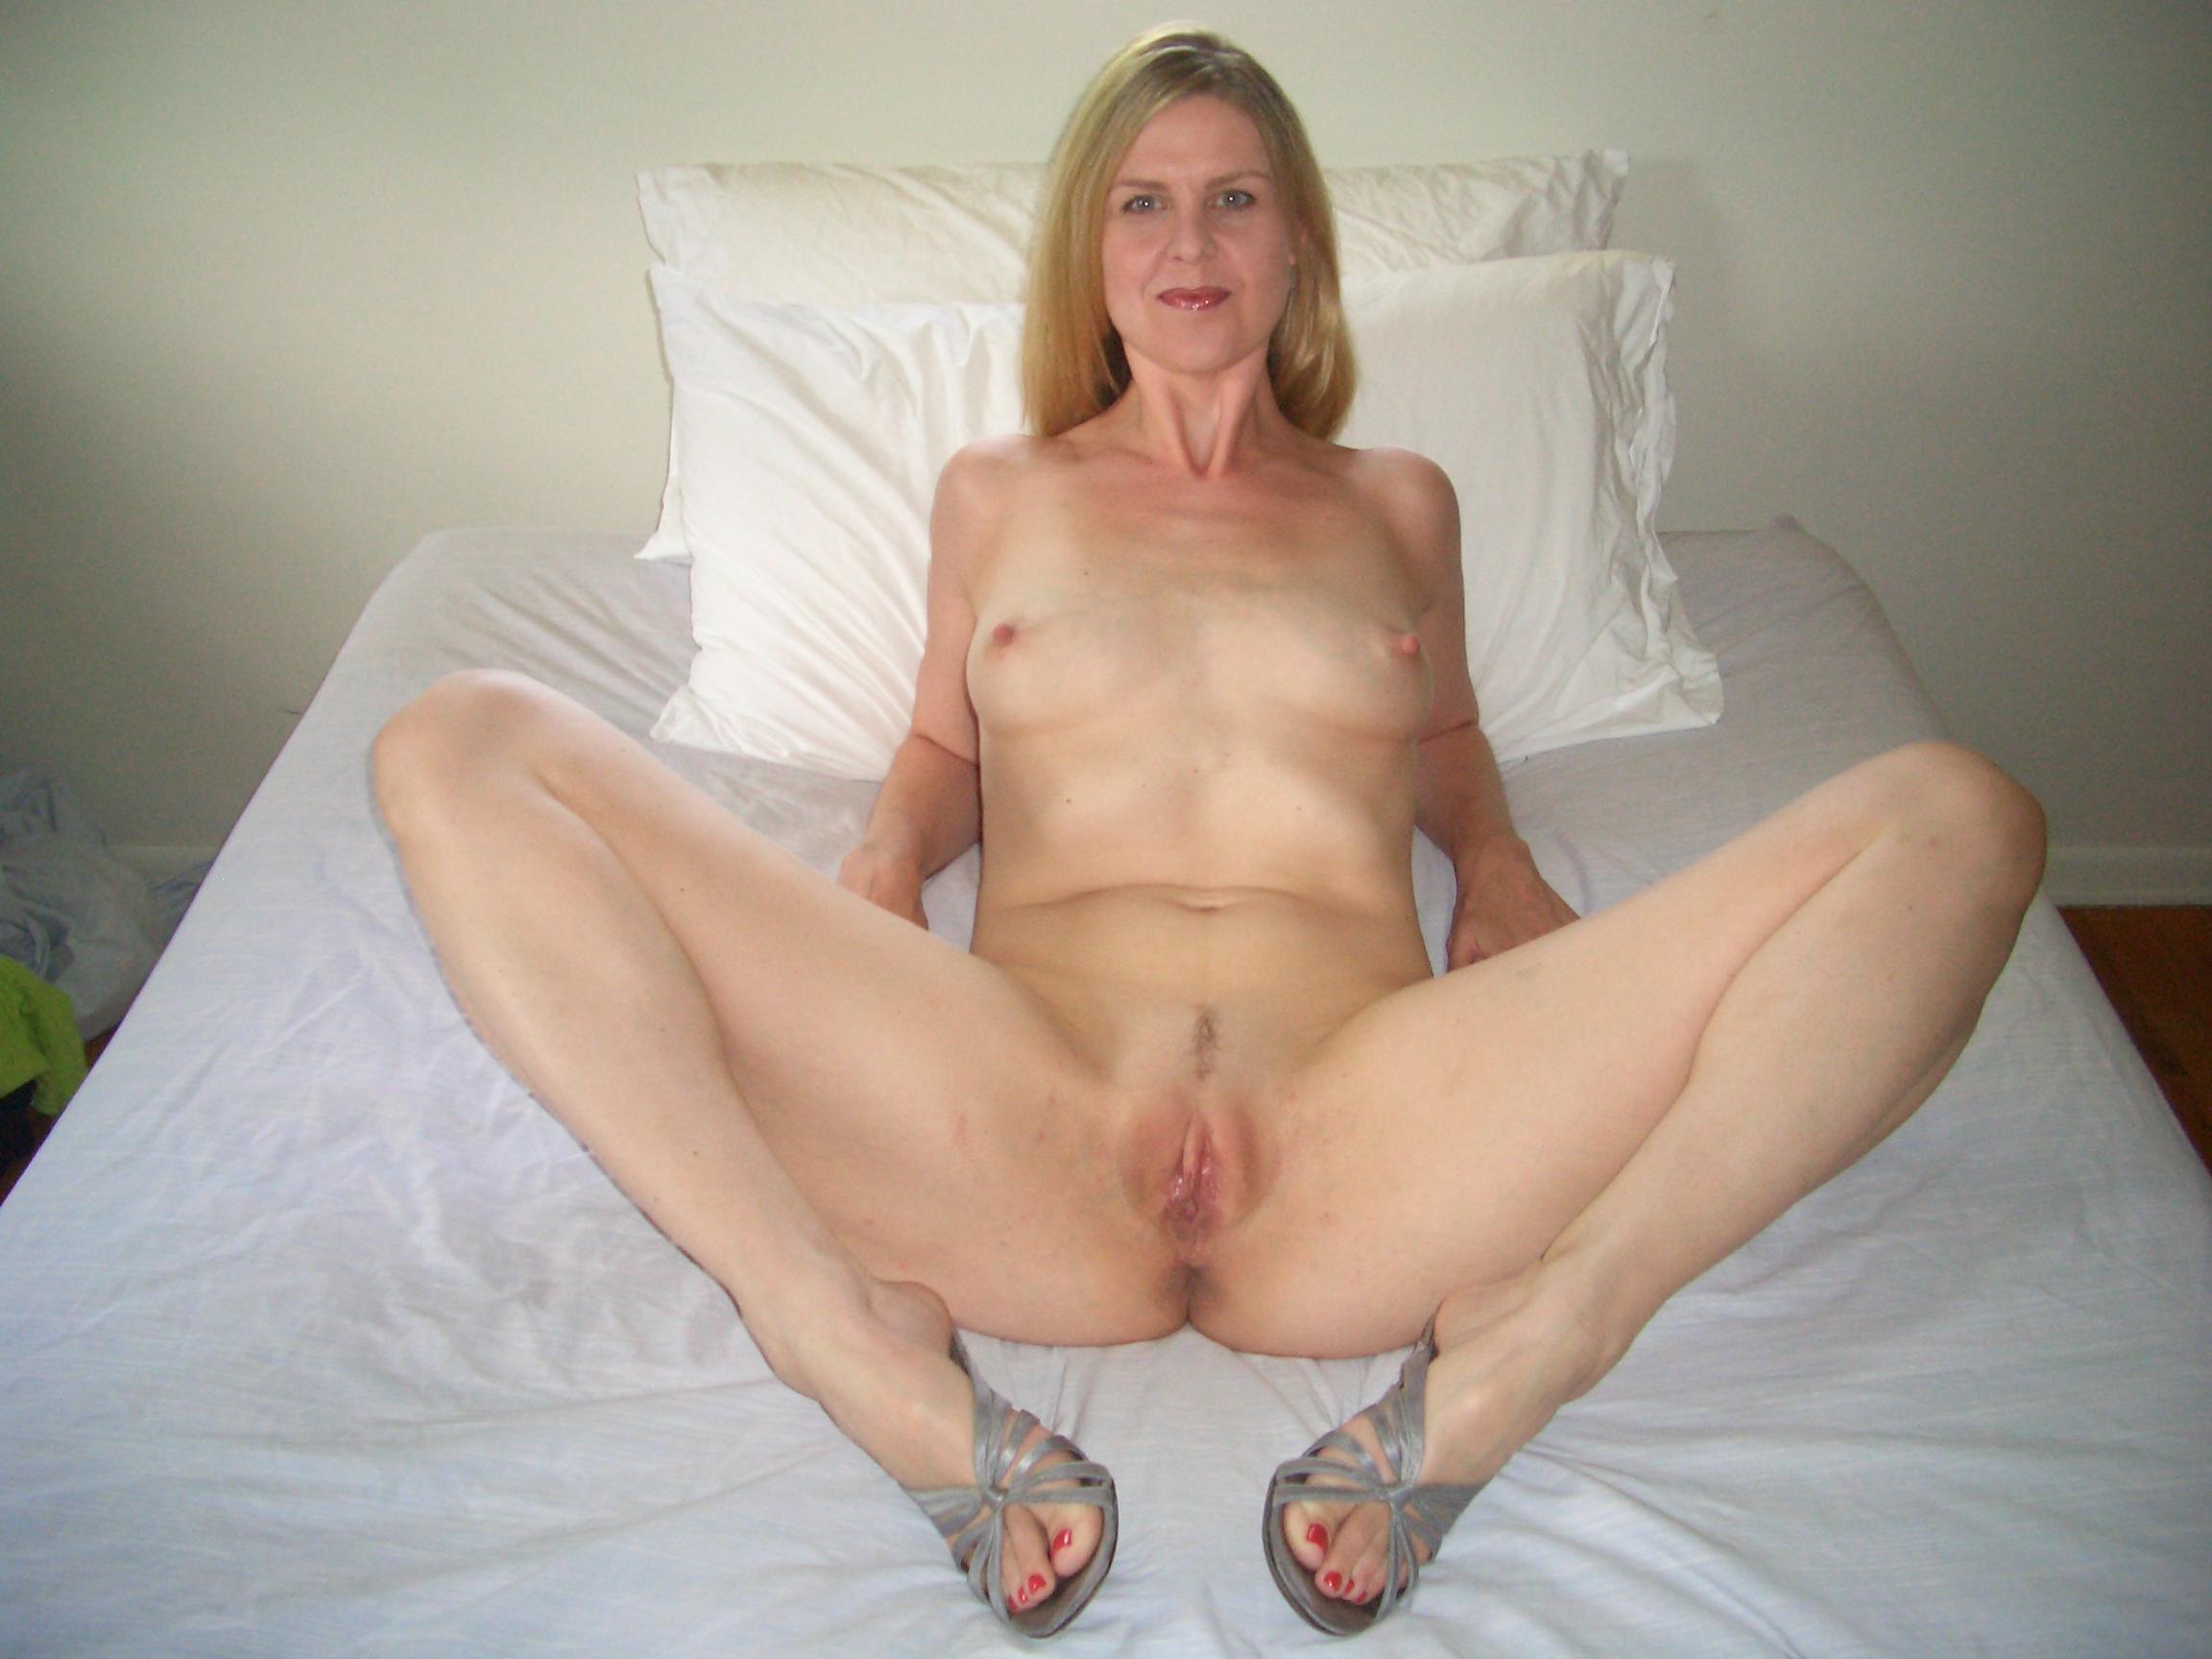 Mom fucked pussy tumblr